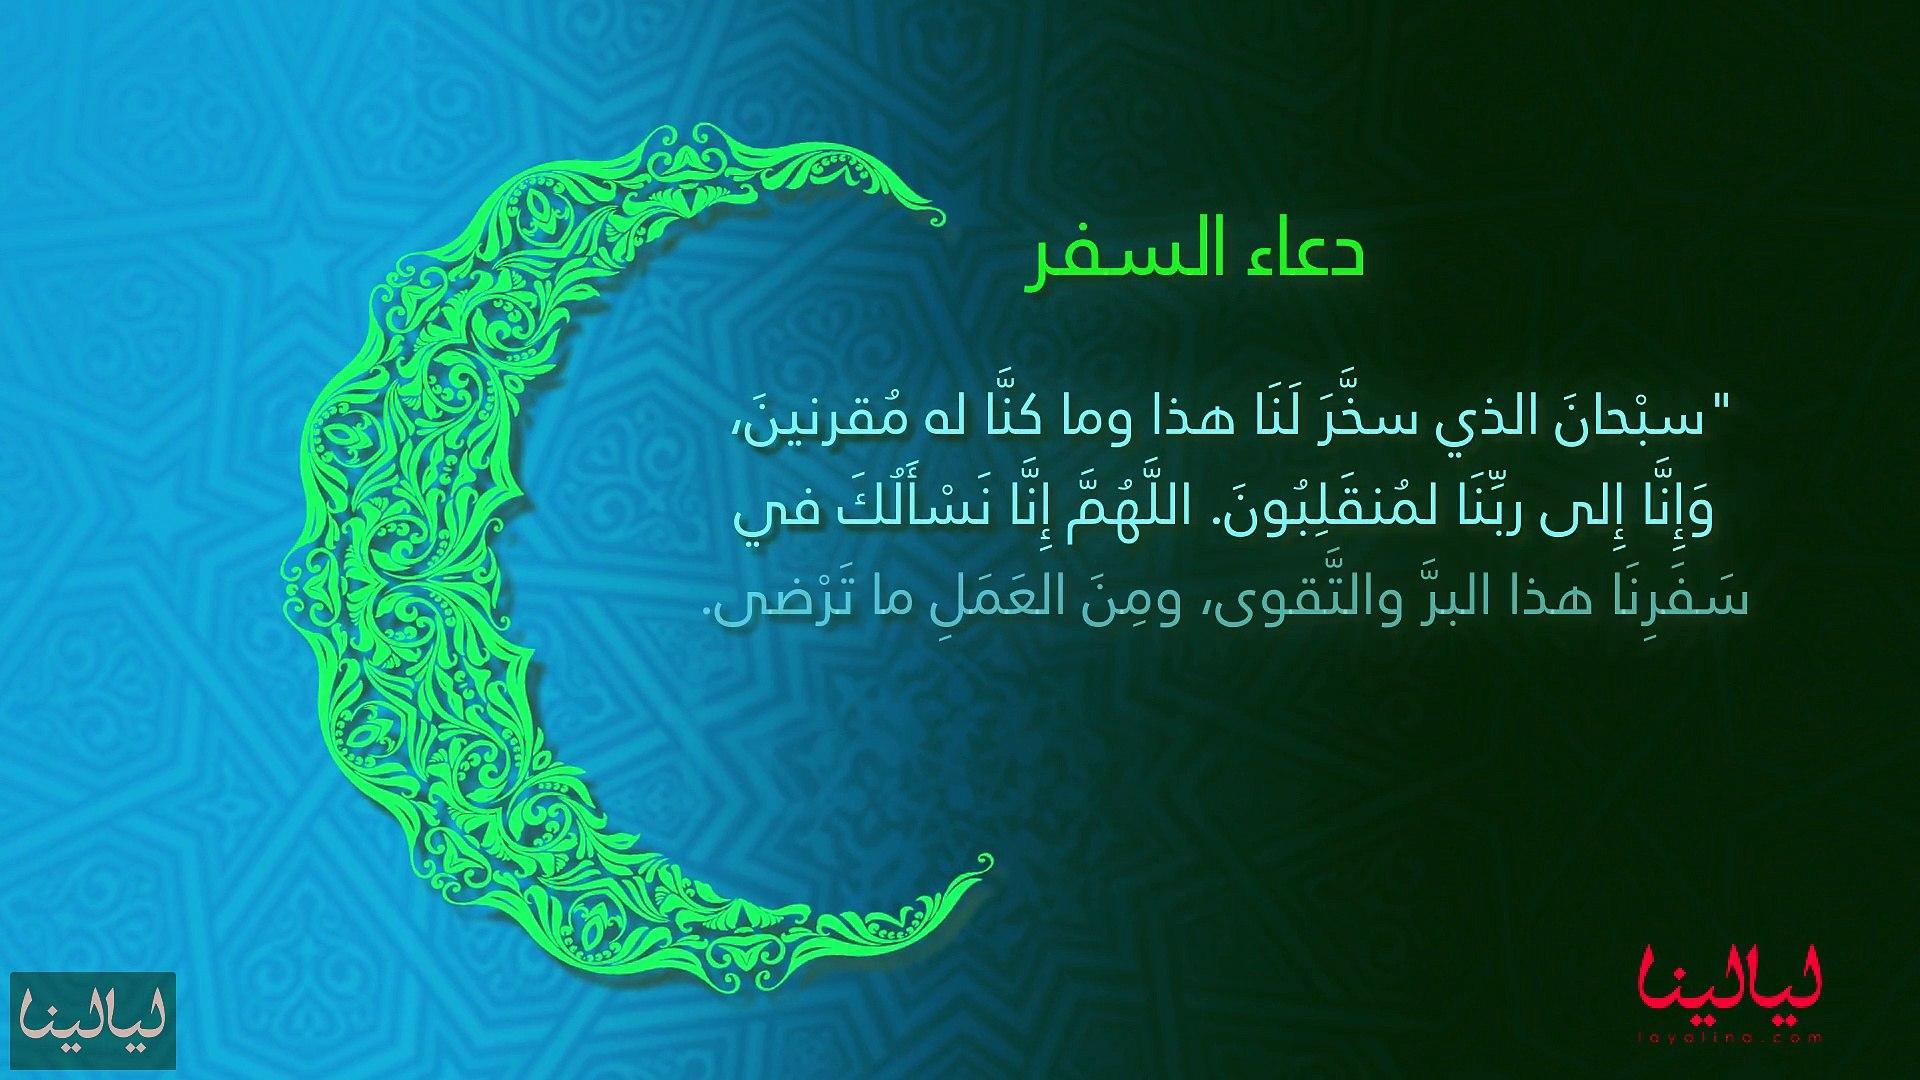 أدعية شهر رمضان دعاء السفر